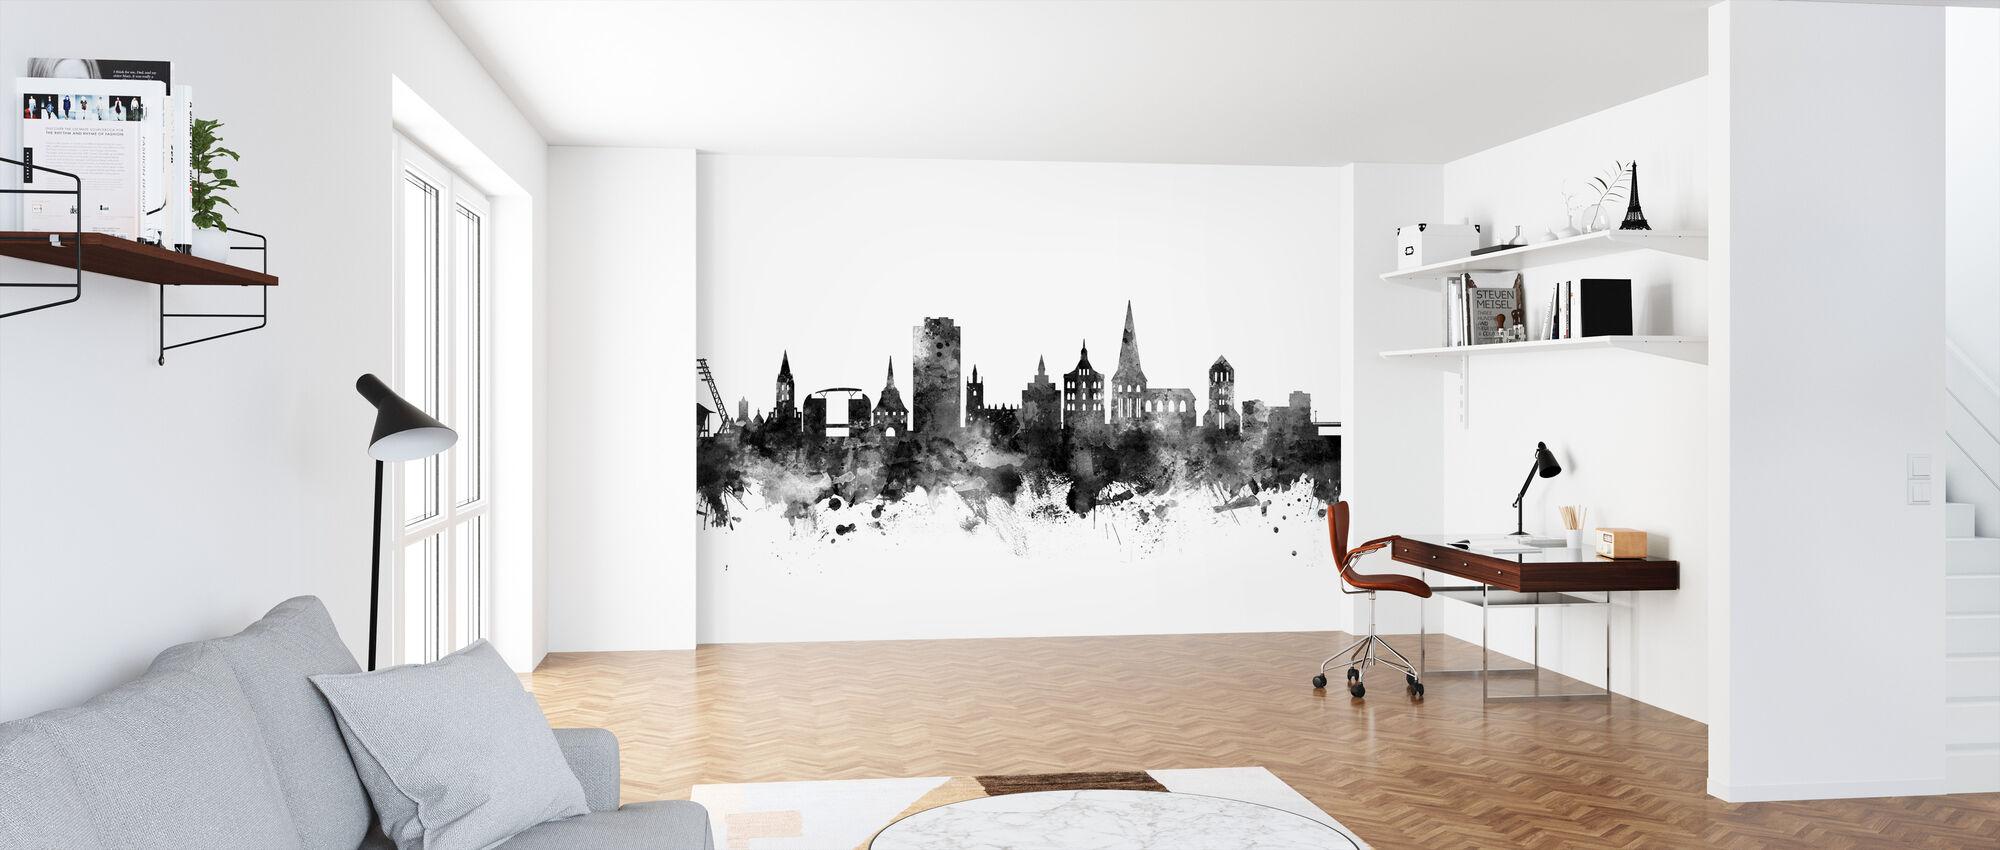 Rostock Skyline Black - Wallpaper - Office